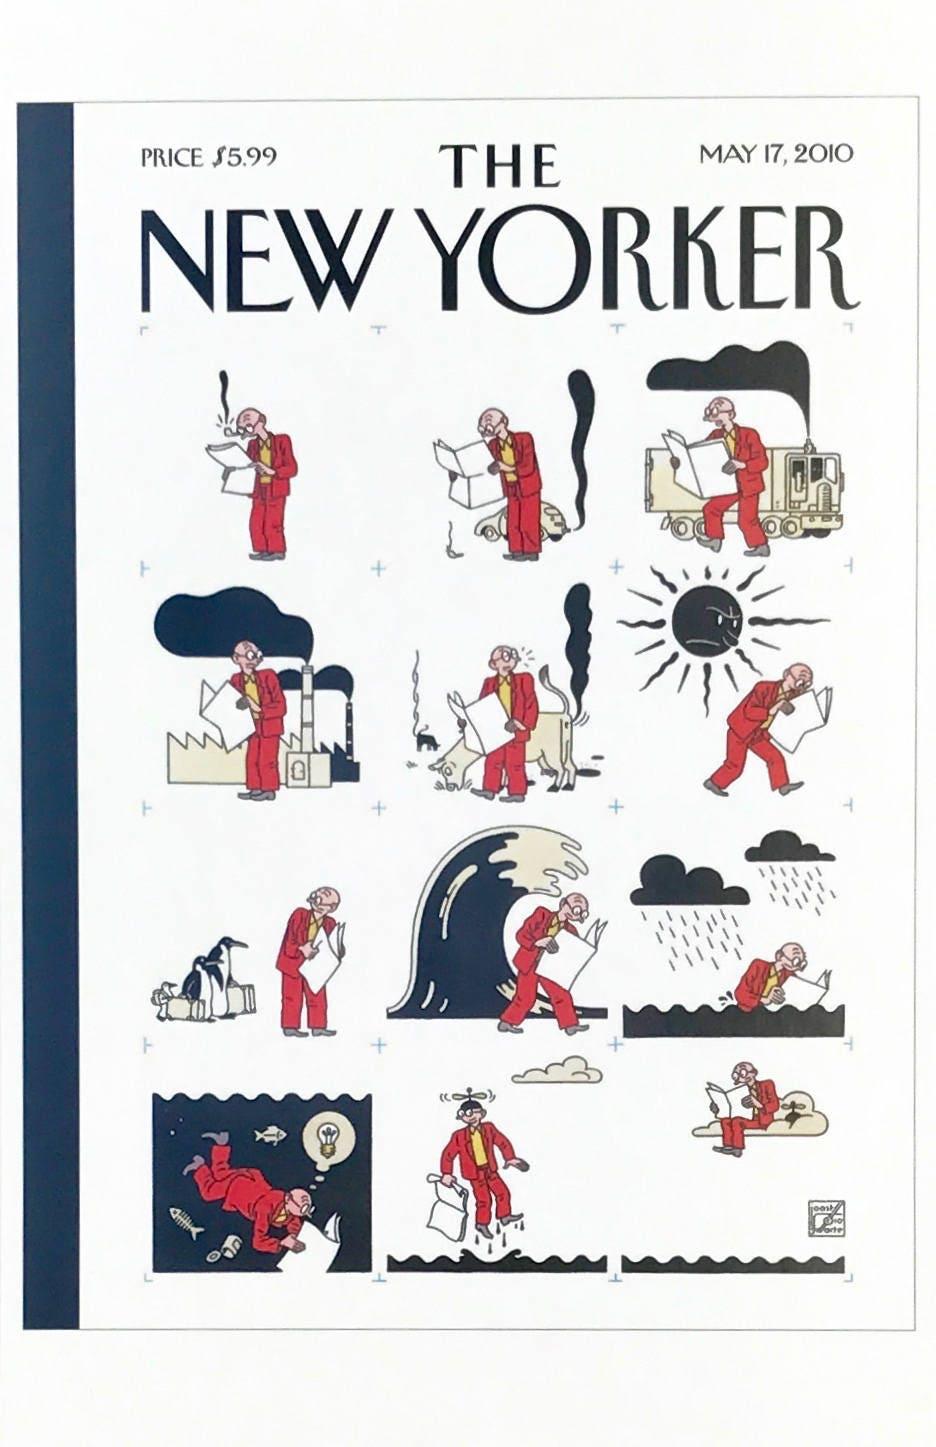 Postkarte mit einem berühmten \'New Yorker\' Cover die